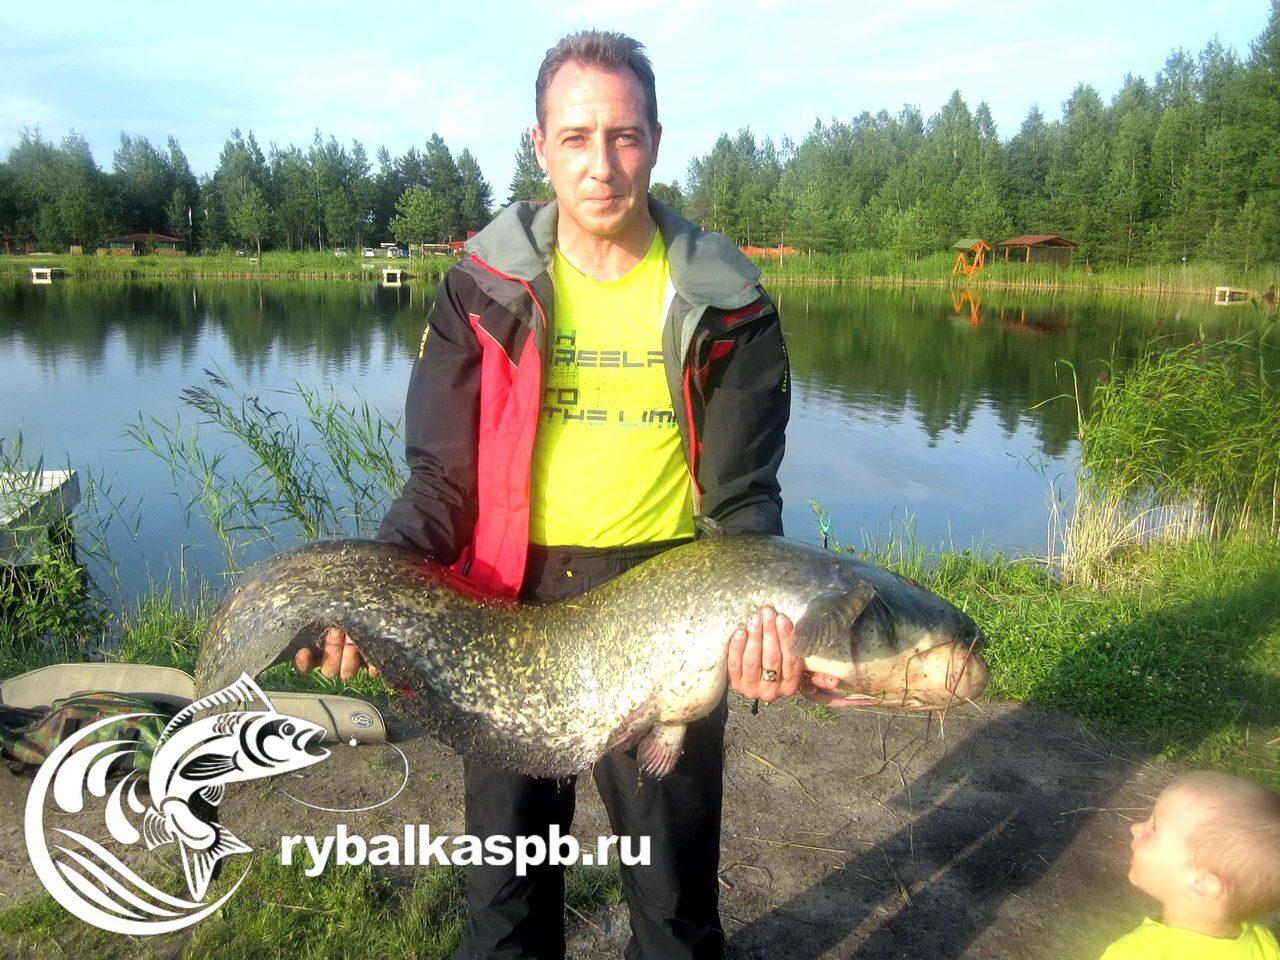 где в ленинградской области ловить карпа